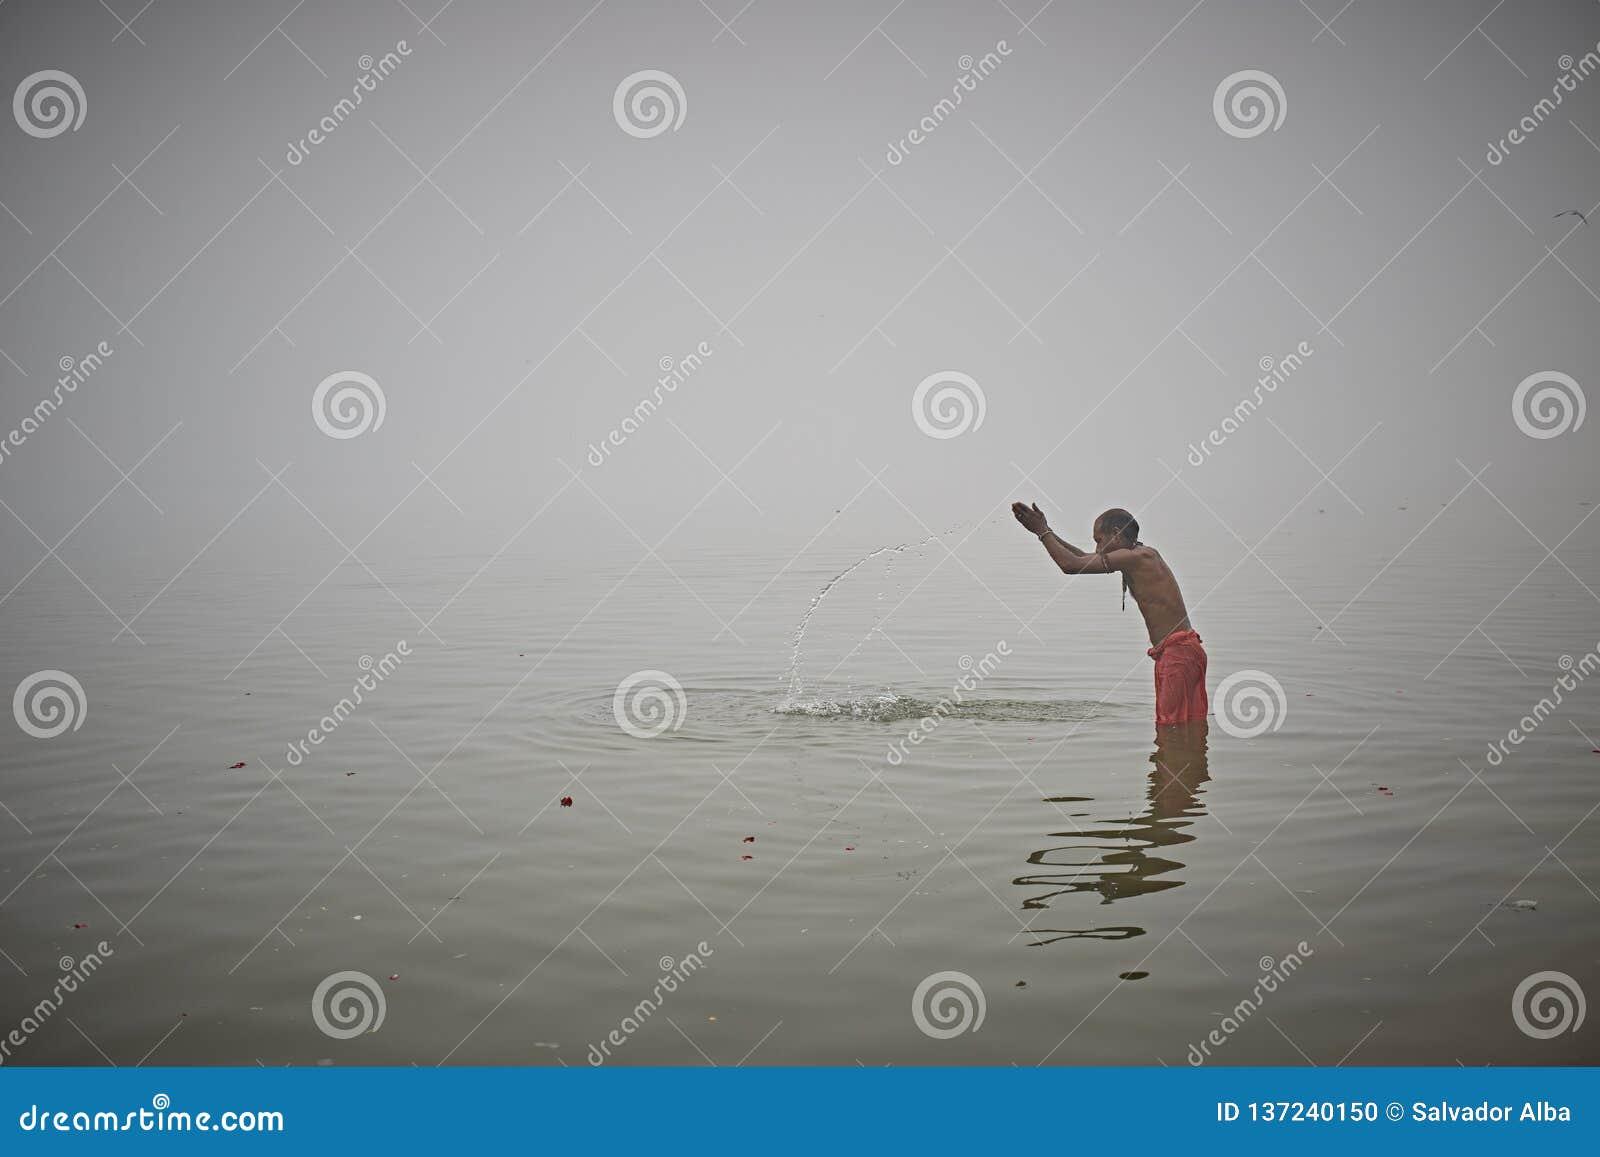 Baño ritual en el río Ganges